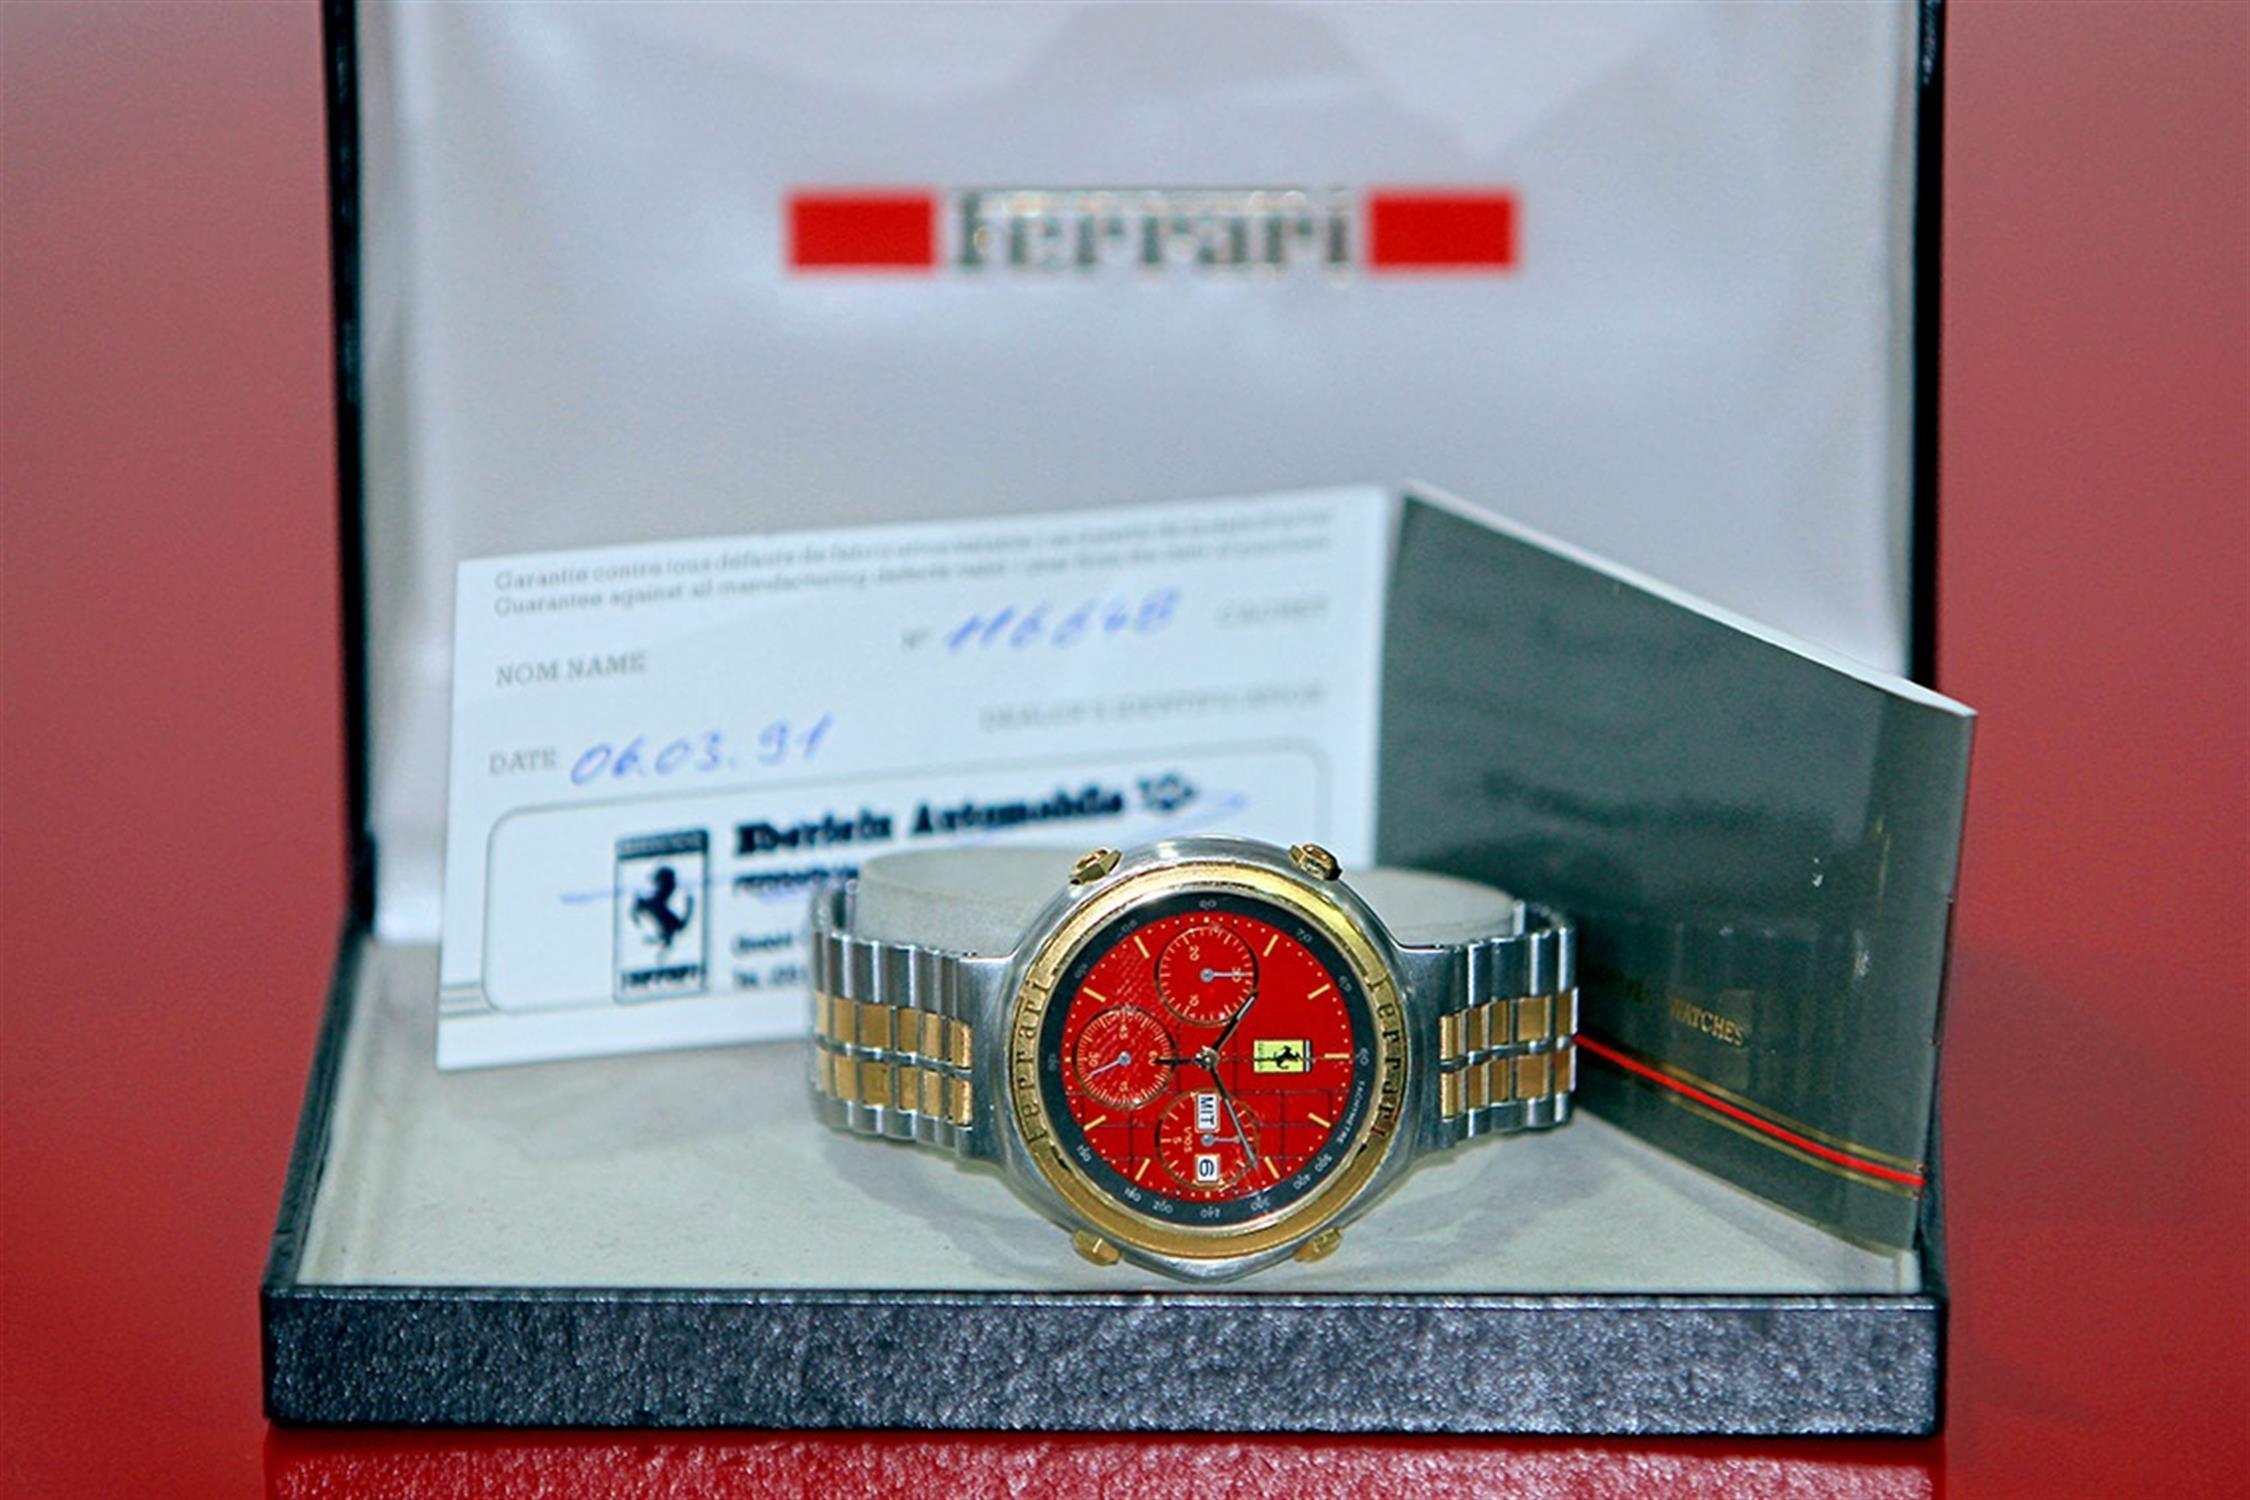 1991 Ferrari Testarossa - 1,829 Kilometres From New & Classiche'd - Image 5 of 15